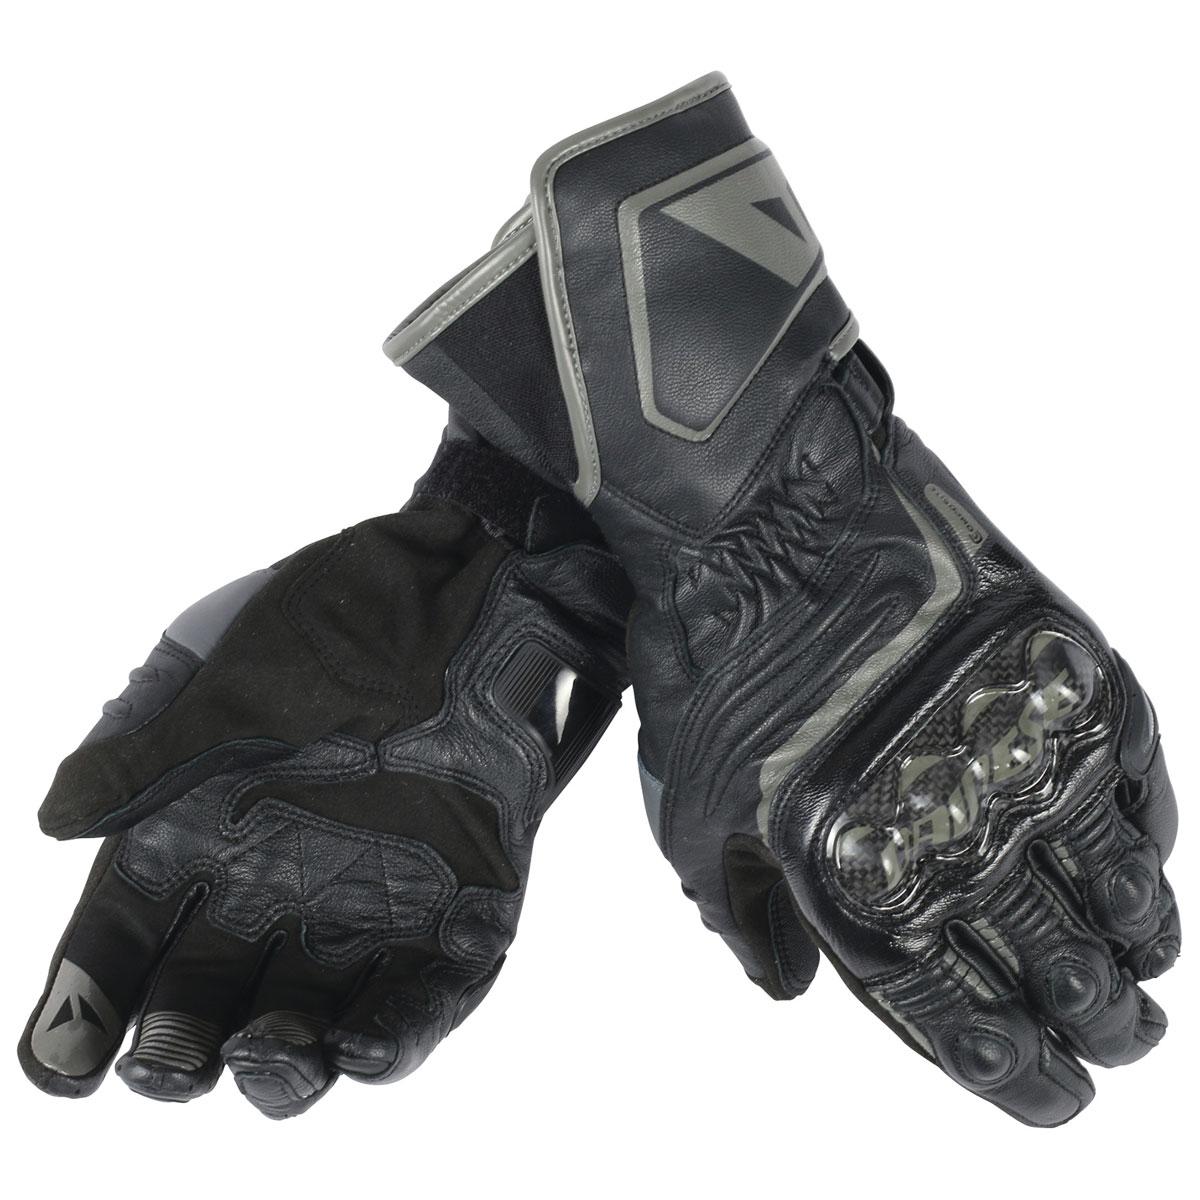 Dainese Men's Carbon D1 Long Black Gloves